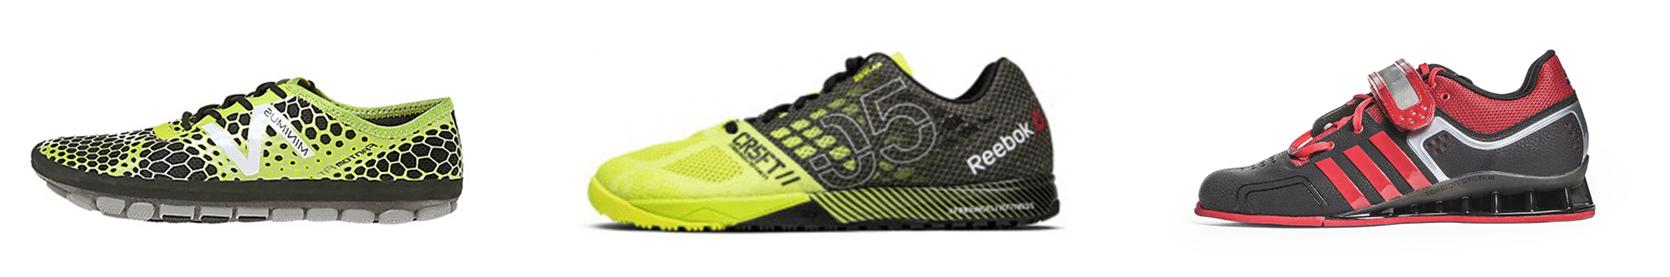 3typecrossfitshoes